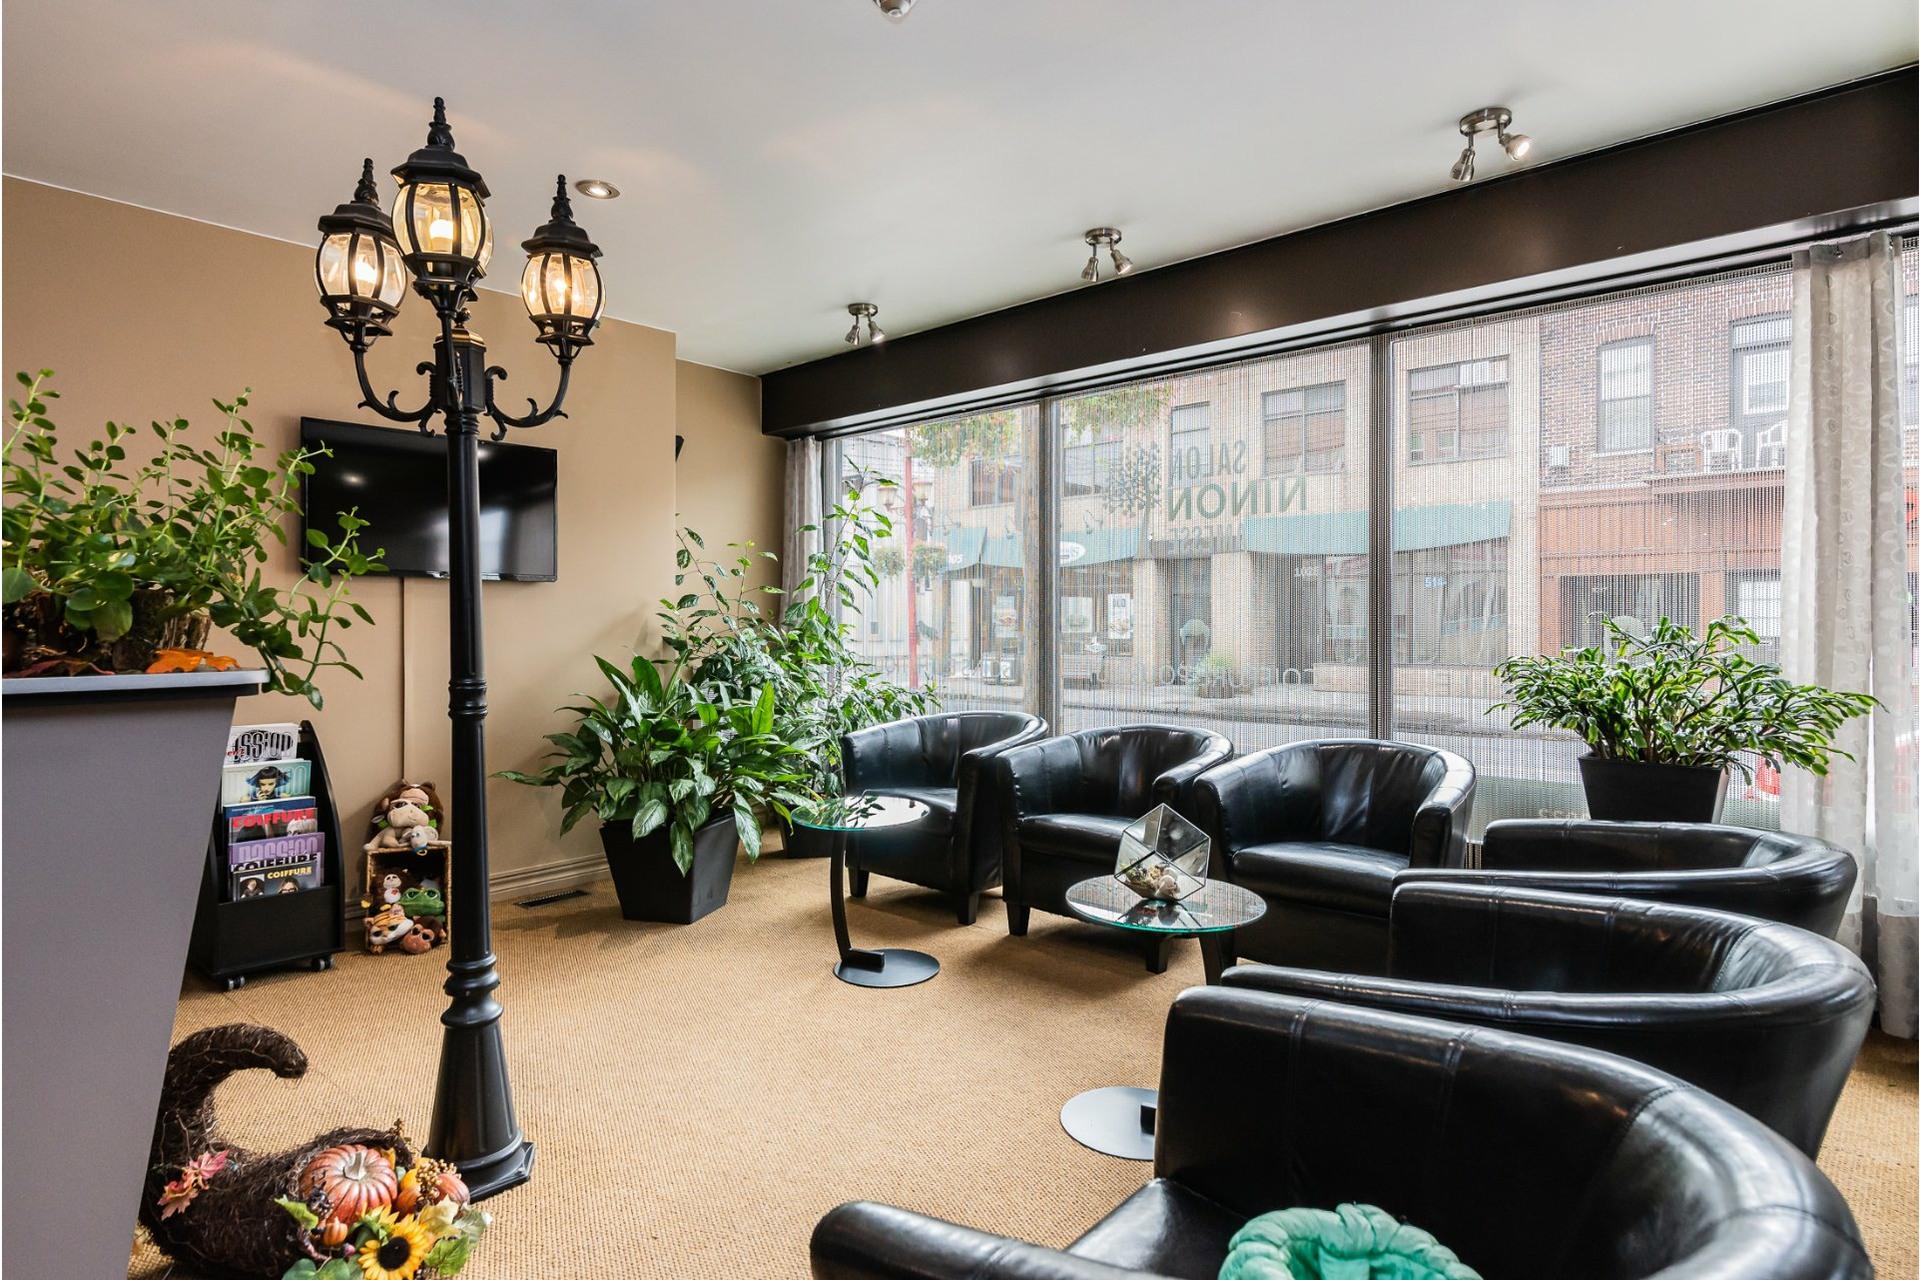 image 4 - Duplex À vendre Lachine Montréal  - 4 pièces